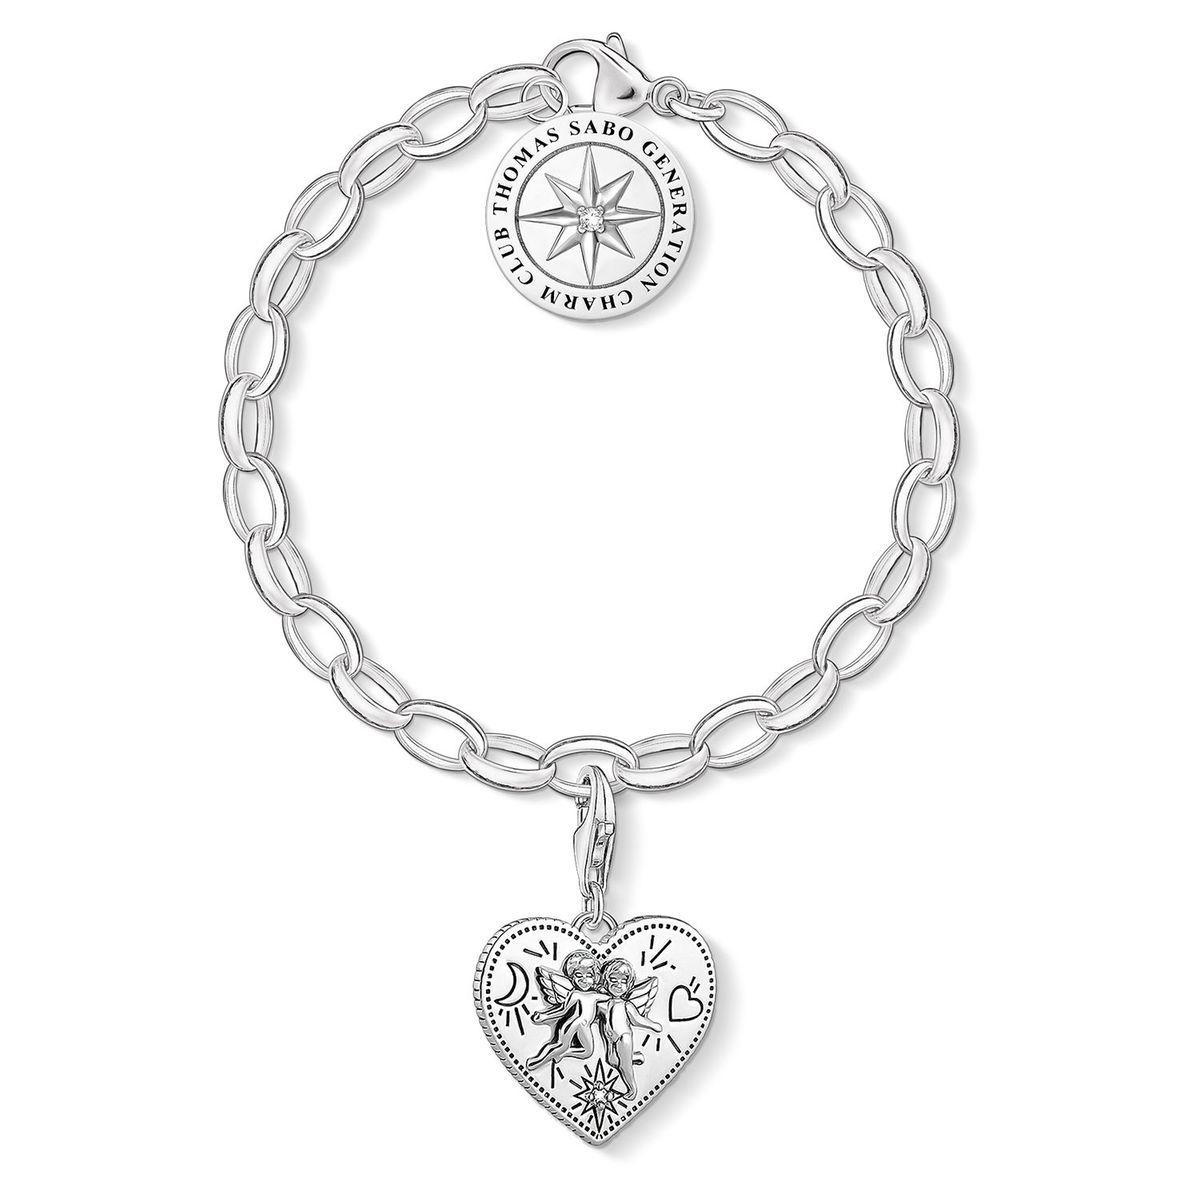 THOMAS SABO Bracelet Charm Argent sterling 925, noirci 17 SET0554-643-14-L19,5v